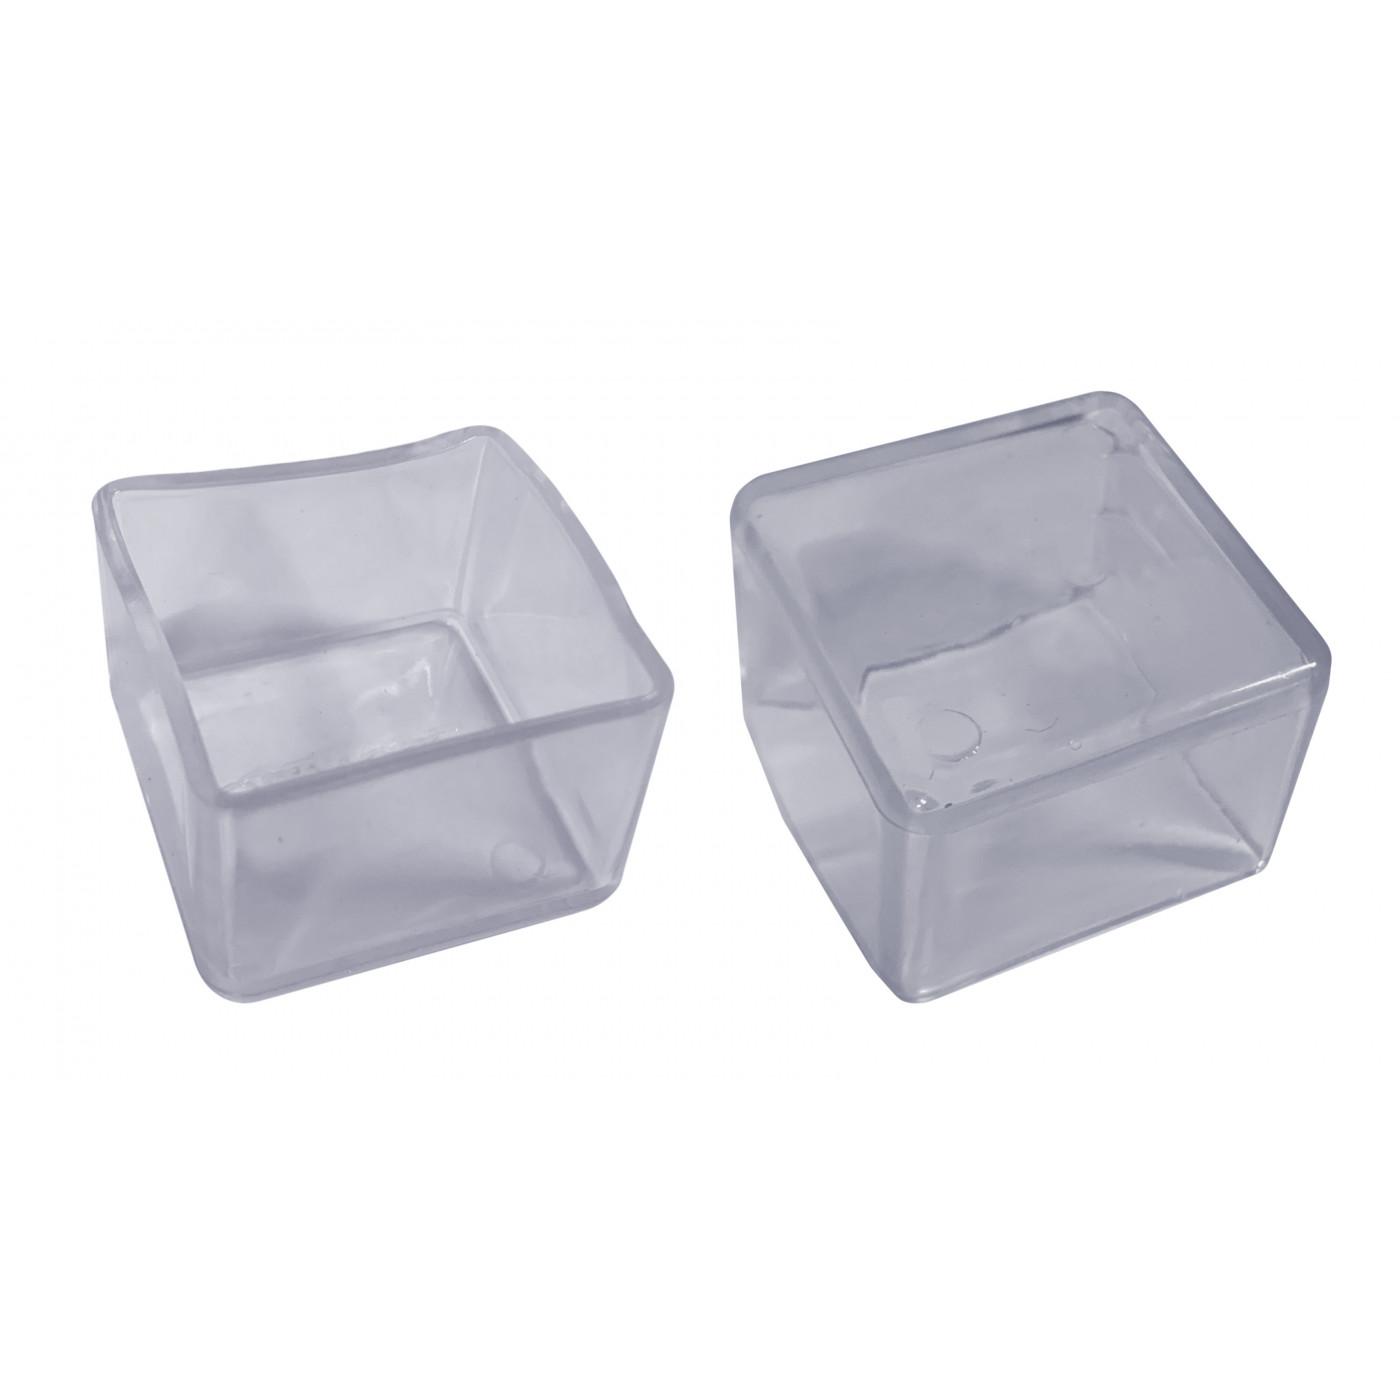 Jeu de 32 couvre-pieds de chaise en silicone (extérieur, carré, 25 mm, transparent) [O-SQ-25-T]  - 1